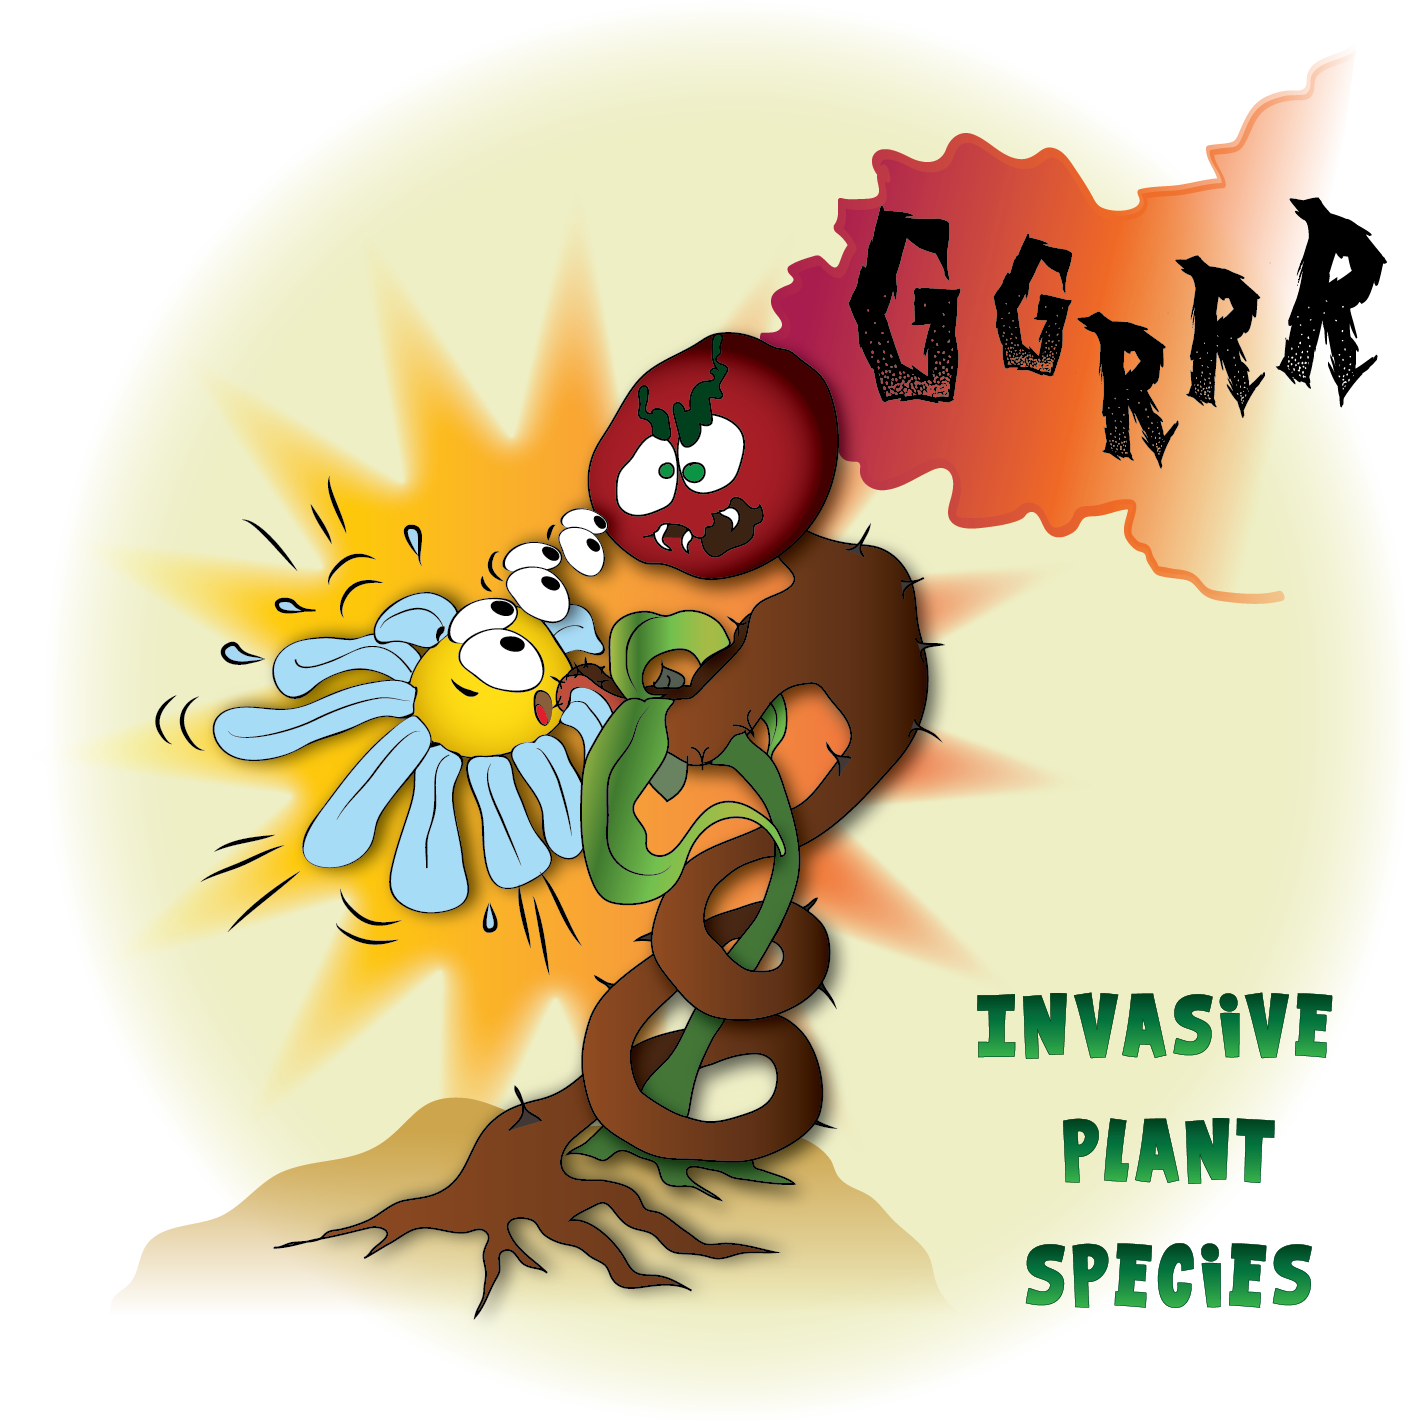 invasive-plants1